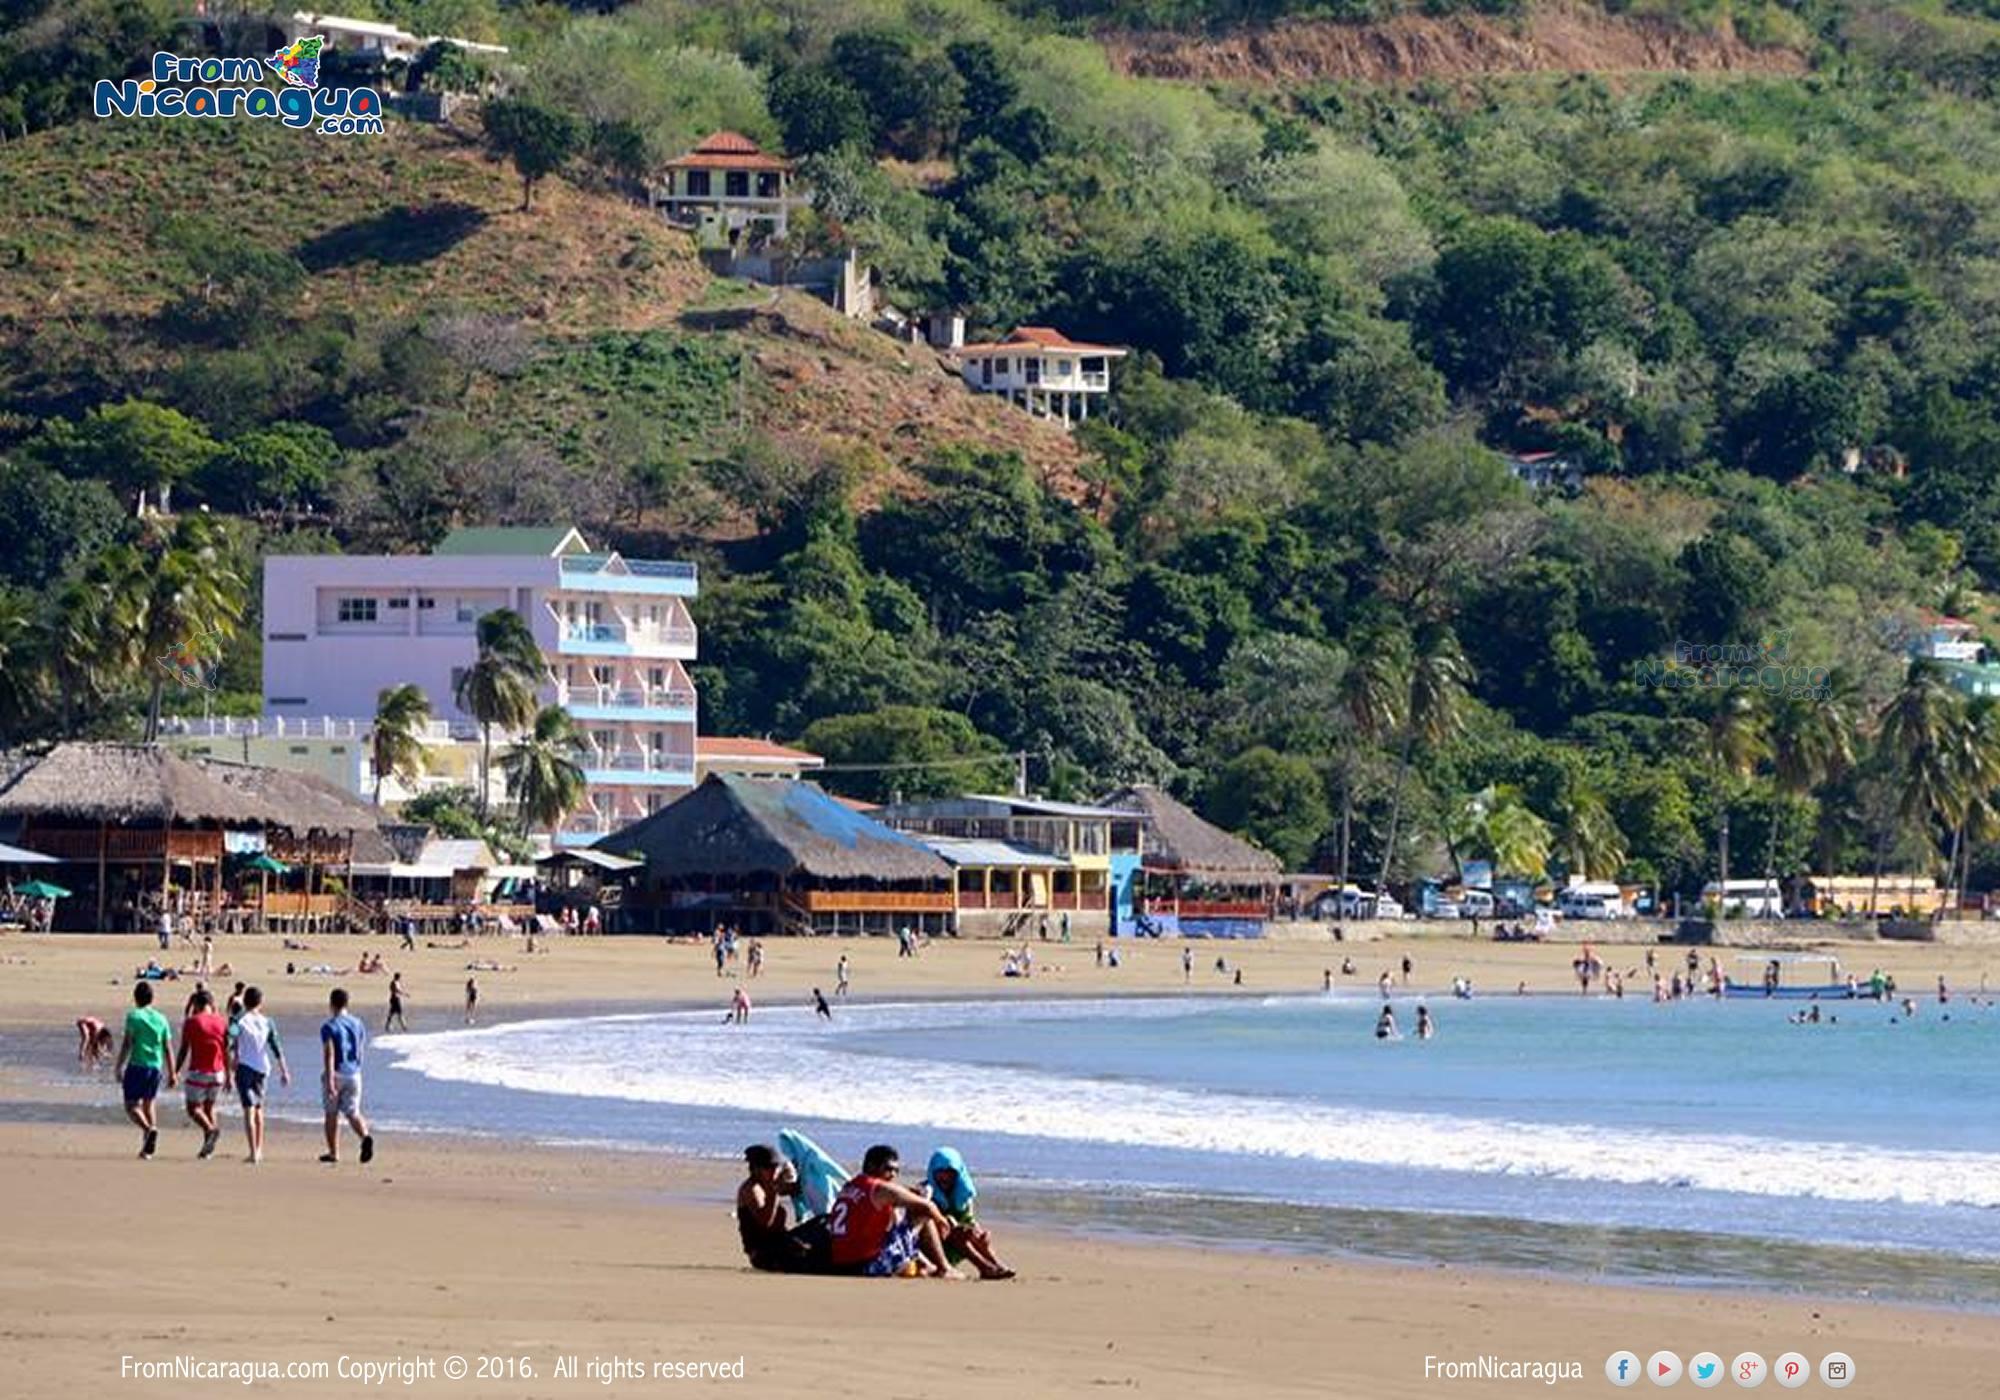 ¿Dónde pasado las mejores vacaciones en Nicaragua?